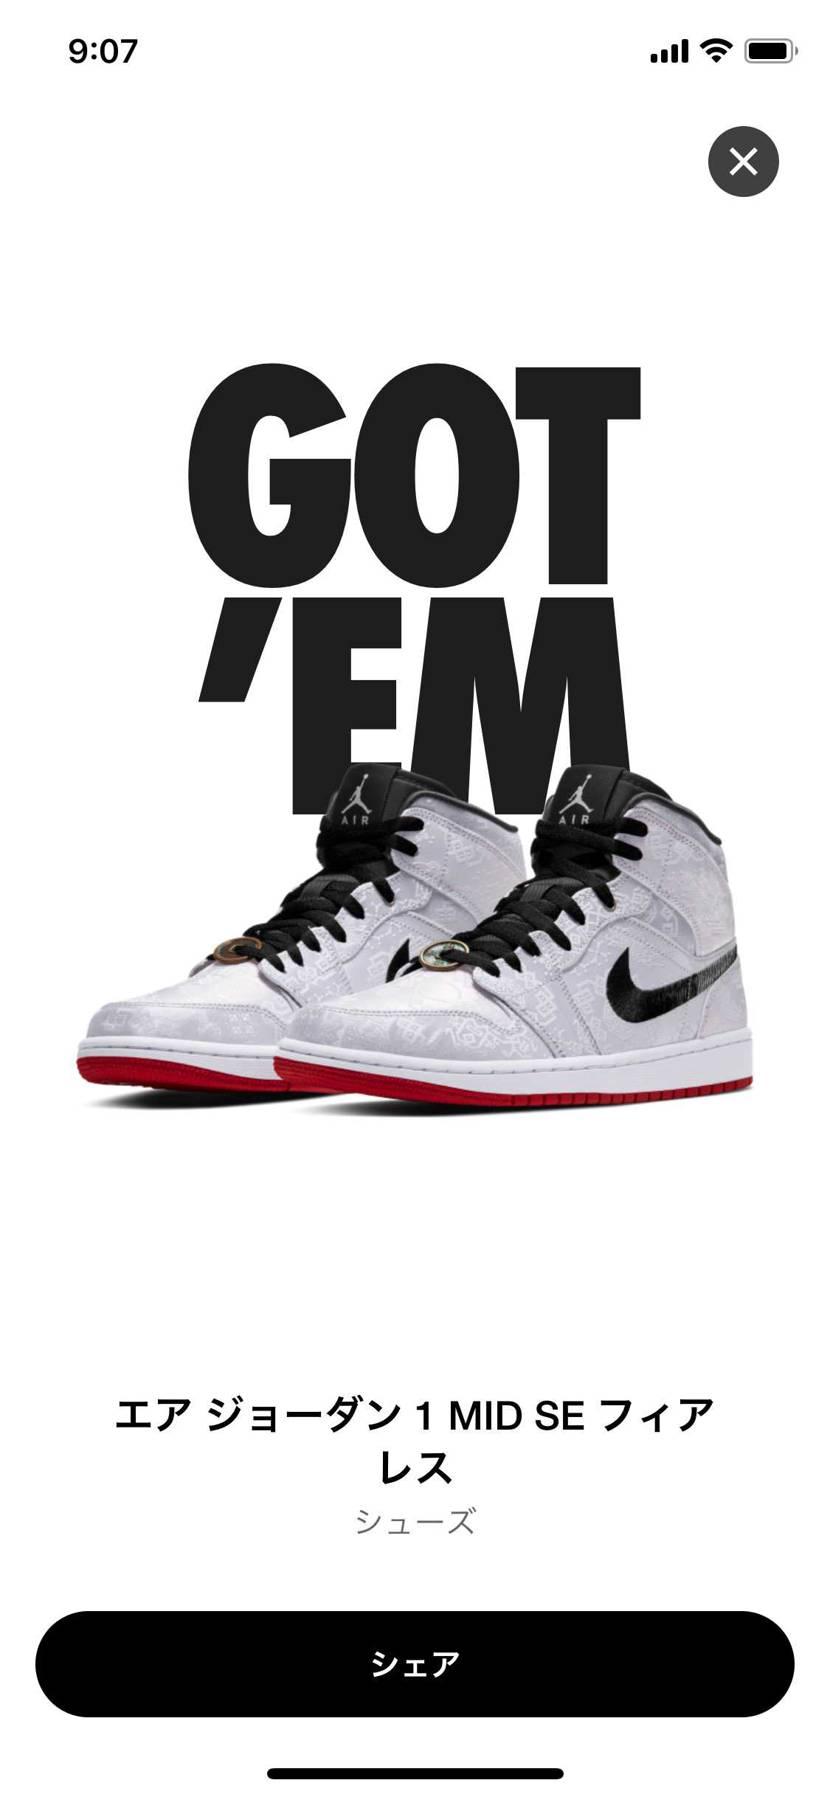 金ないけど買っちゃった…頑張って稼ご。新しい靴久しぶりやから楽しみや